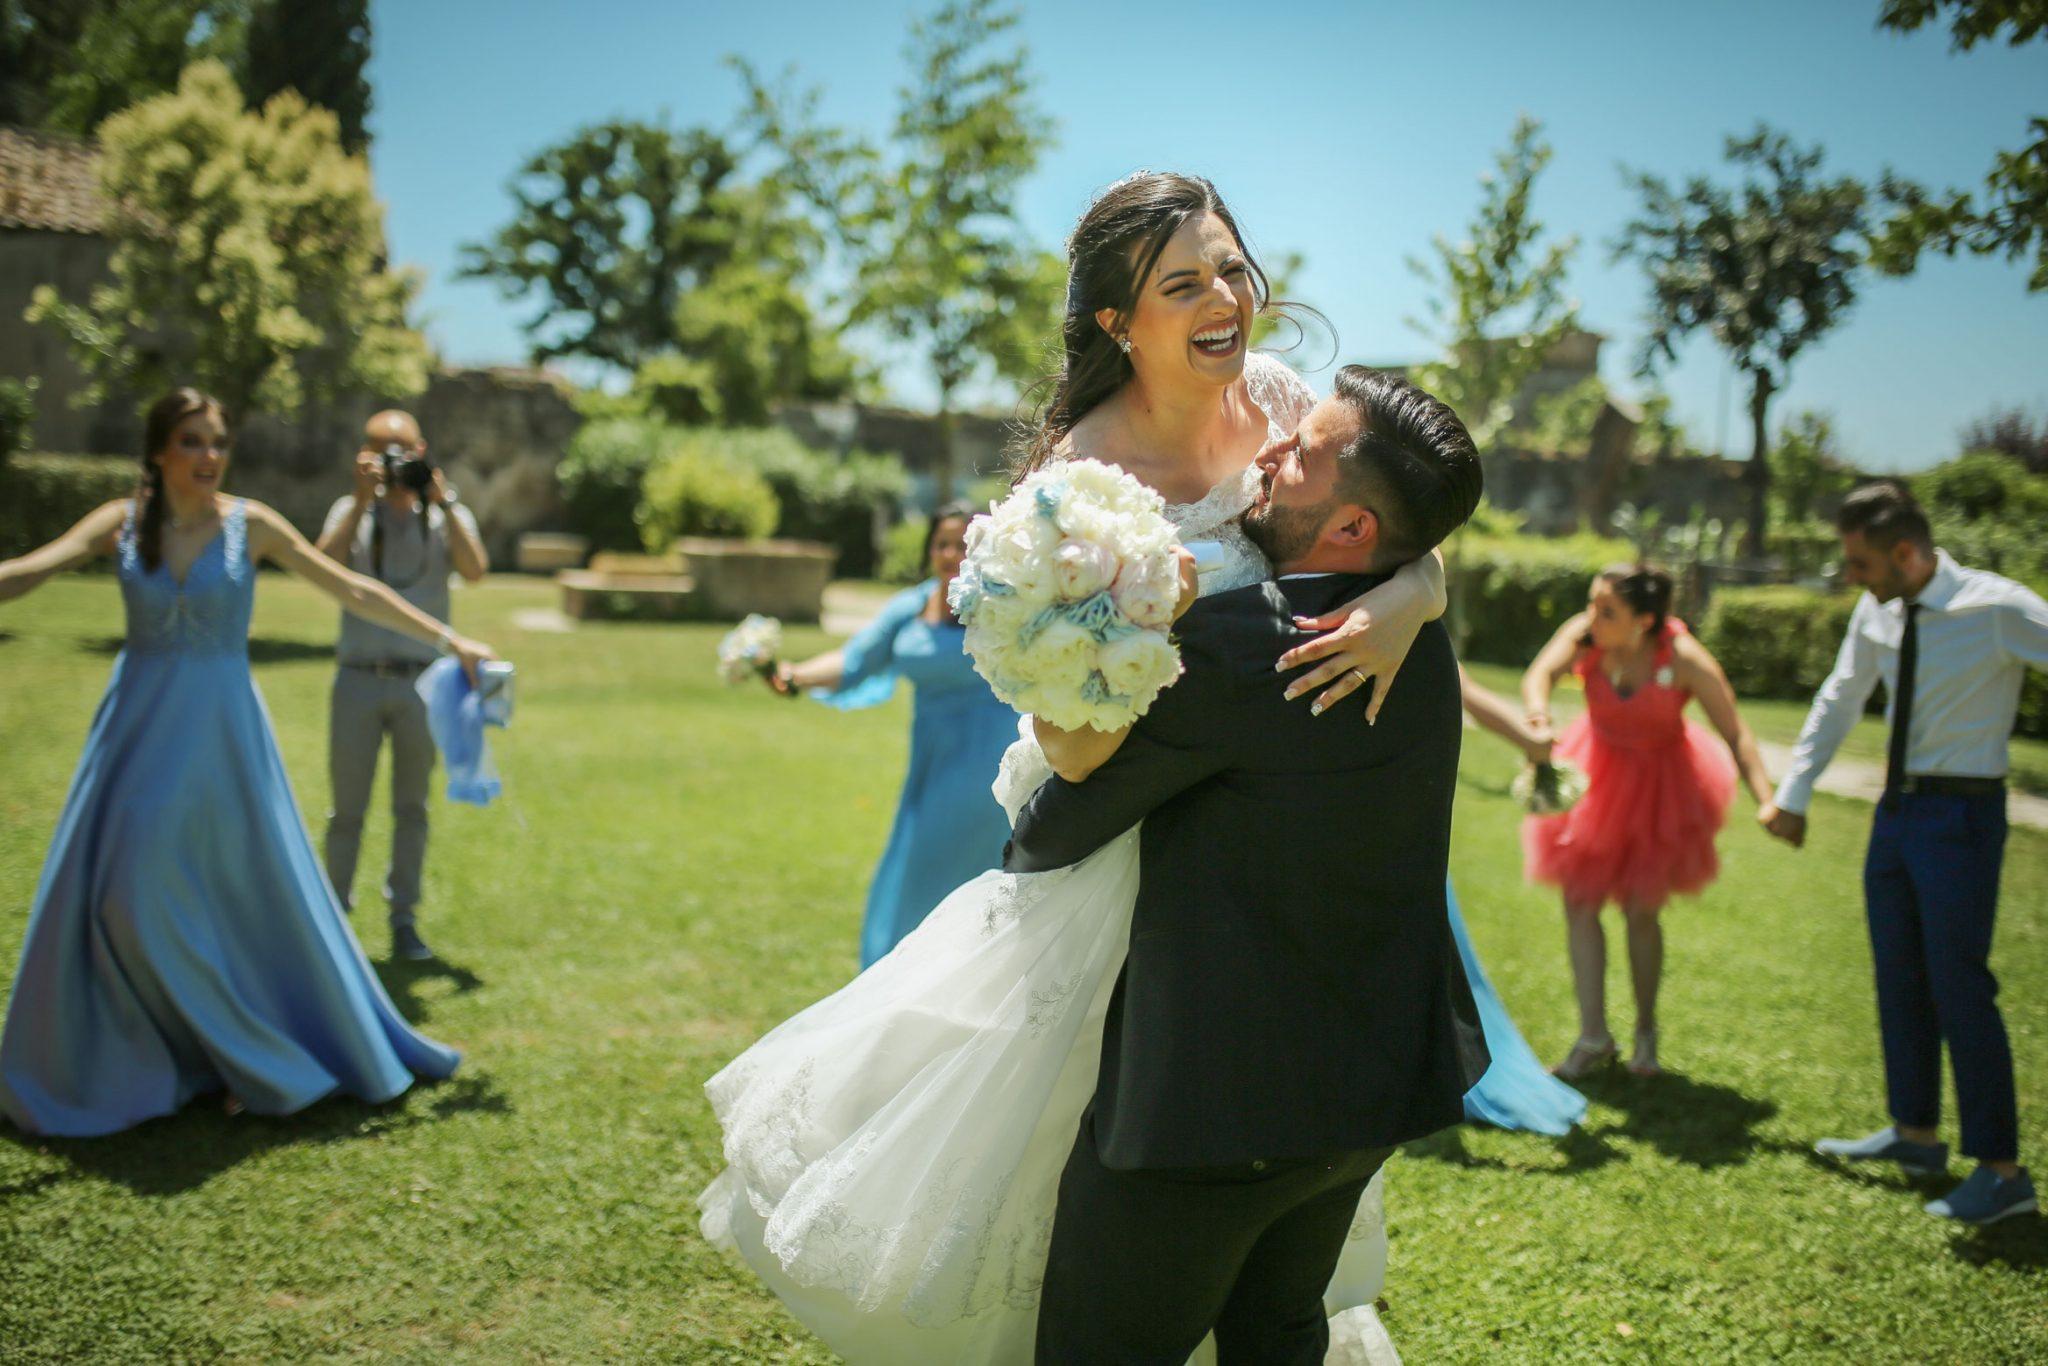 Fotografo matrimonio Aversa: professione emozioni!